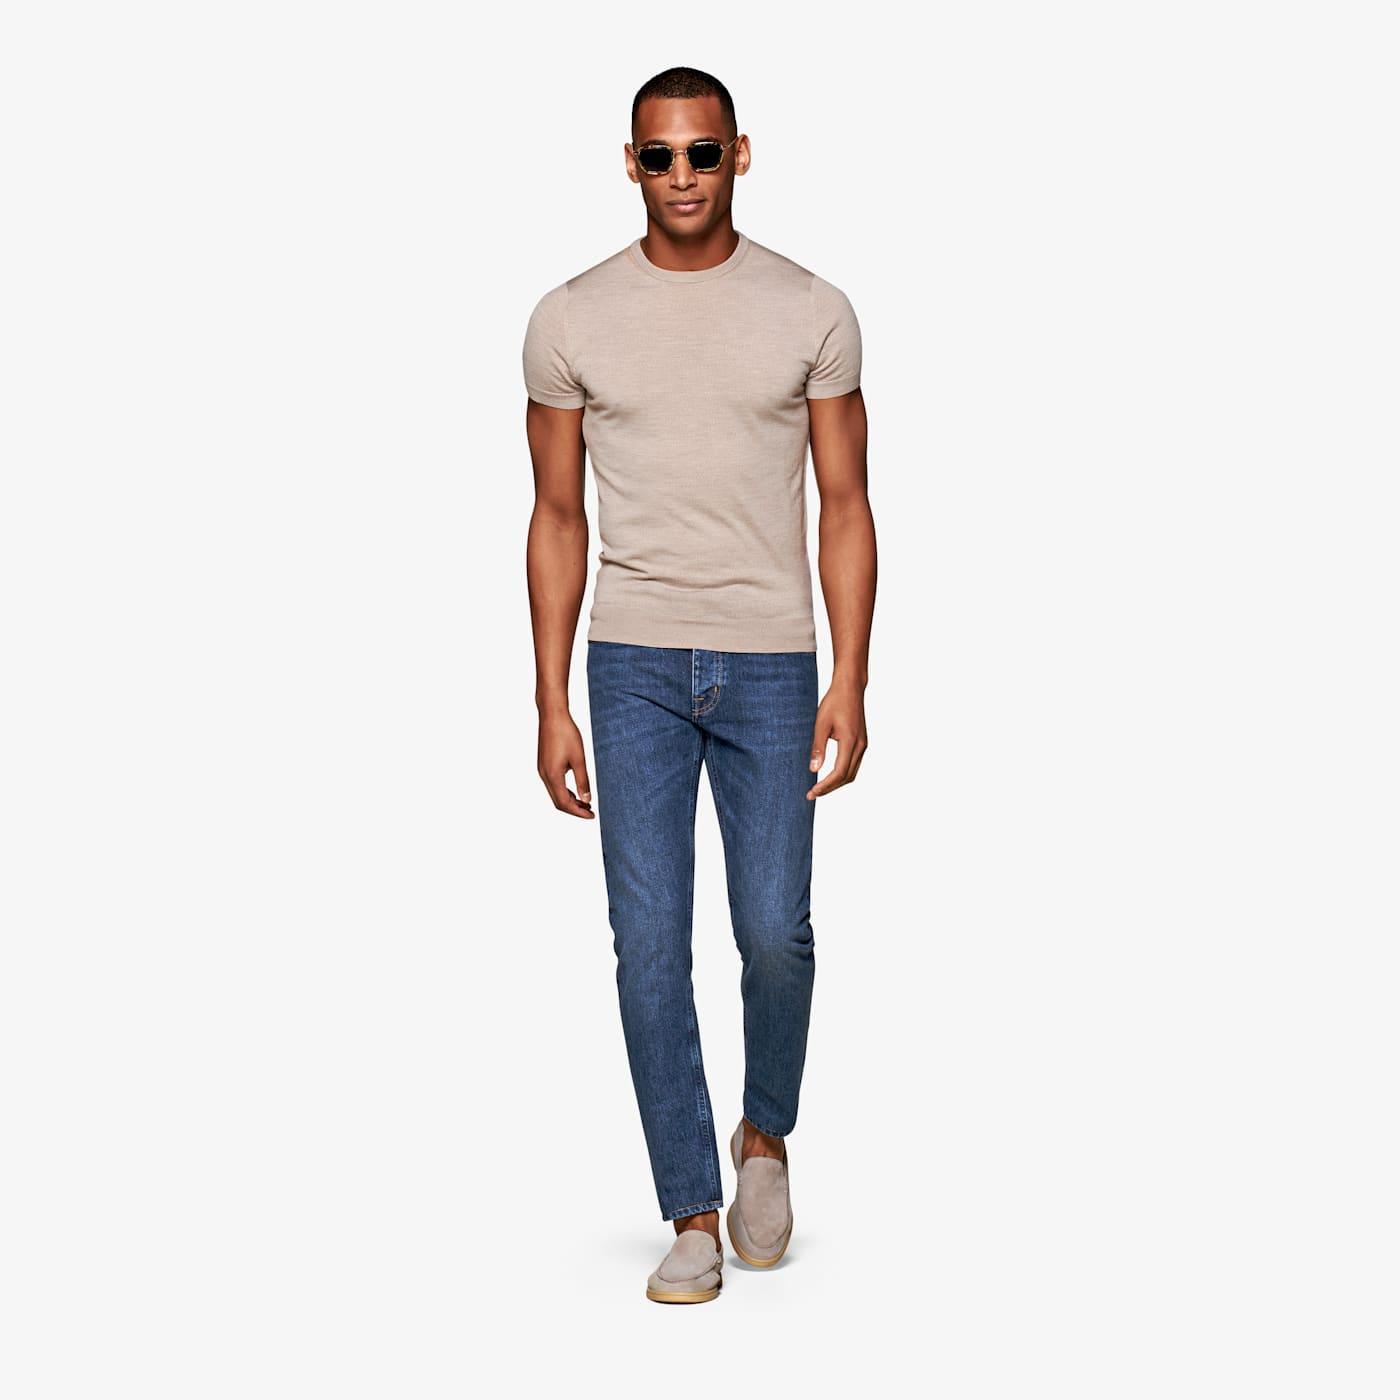 Artikel klicken und genauer betrachten! - Ein relaxter Look braucht eine 5-Pocket Blue Jeans wie diese: mit geradem schlanken Bein und Knopfleiste. Bitte wasche diese Jeans mit besonderer Sorgfalt, denn wie die meisten mit Indigo gefärbten Denimstoffe kann auch sie zum Ausbluten neigen. Den Stoff fertigt Candiani, gefeiert als eine der 'grünsten' Webereien der Welt.   im Online Shop kaufen